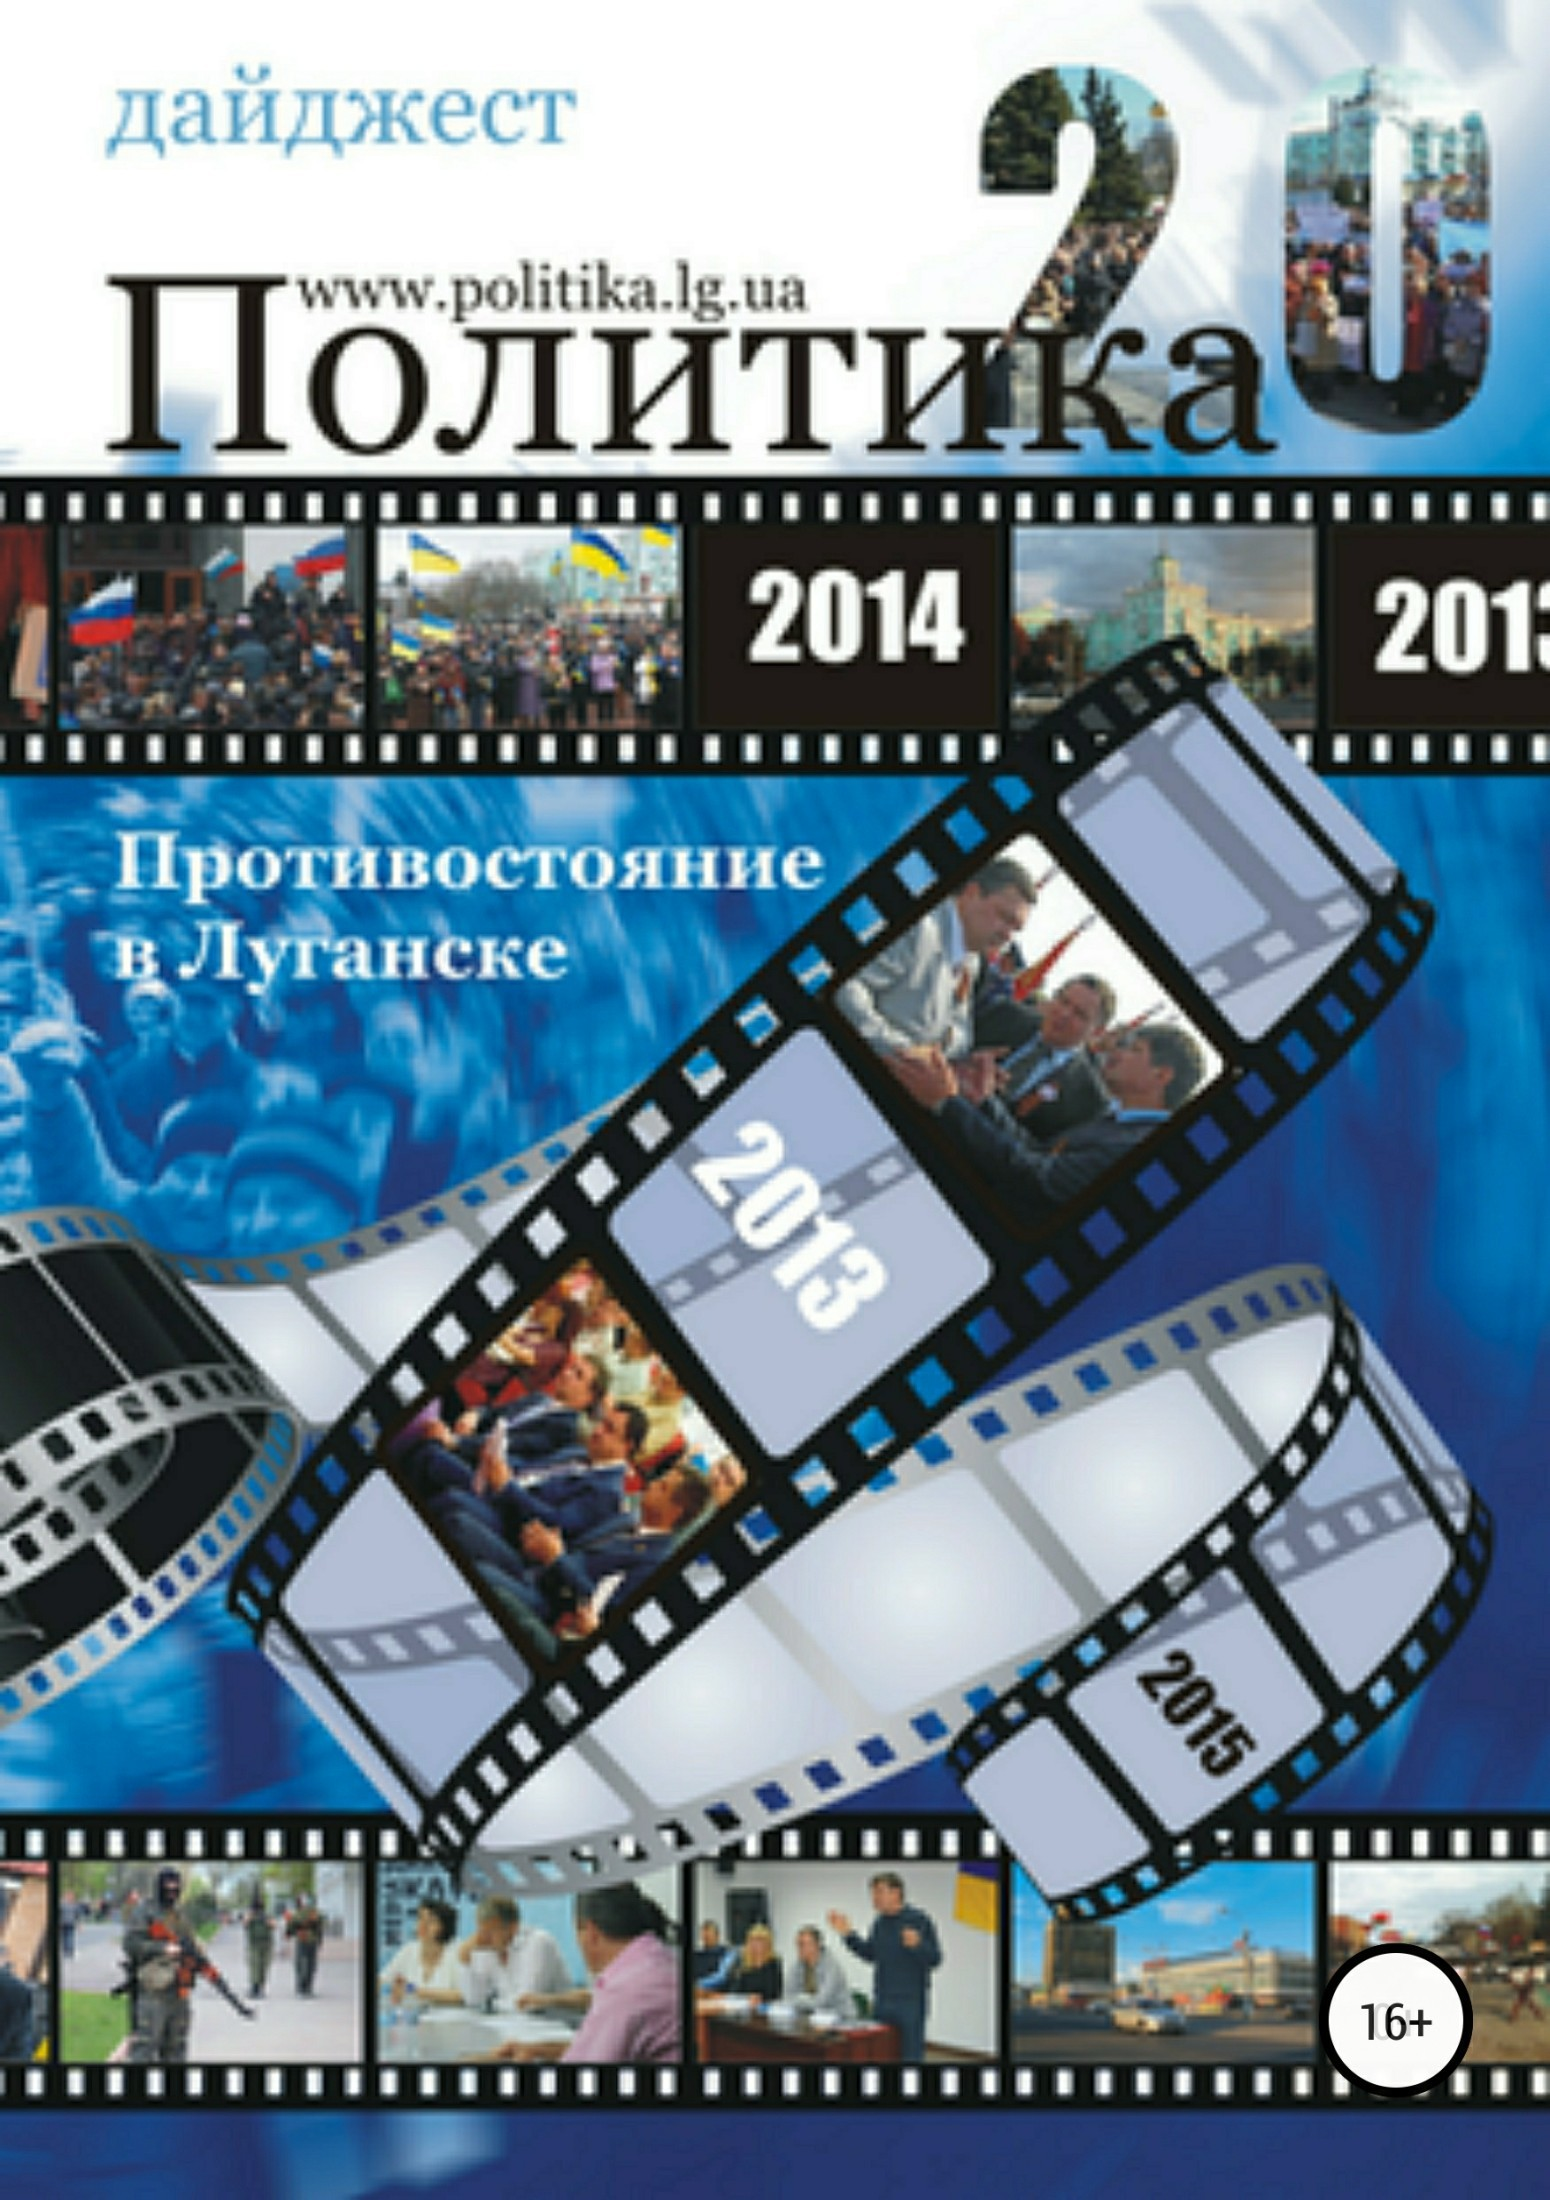 Саша Потёмкина Противостояние в Луганске – 2014. Дайджест фольксваген пассат б3 универсал в луганске